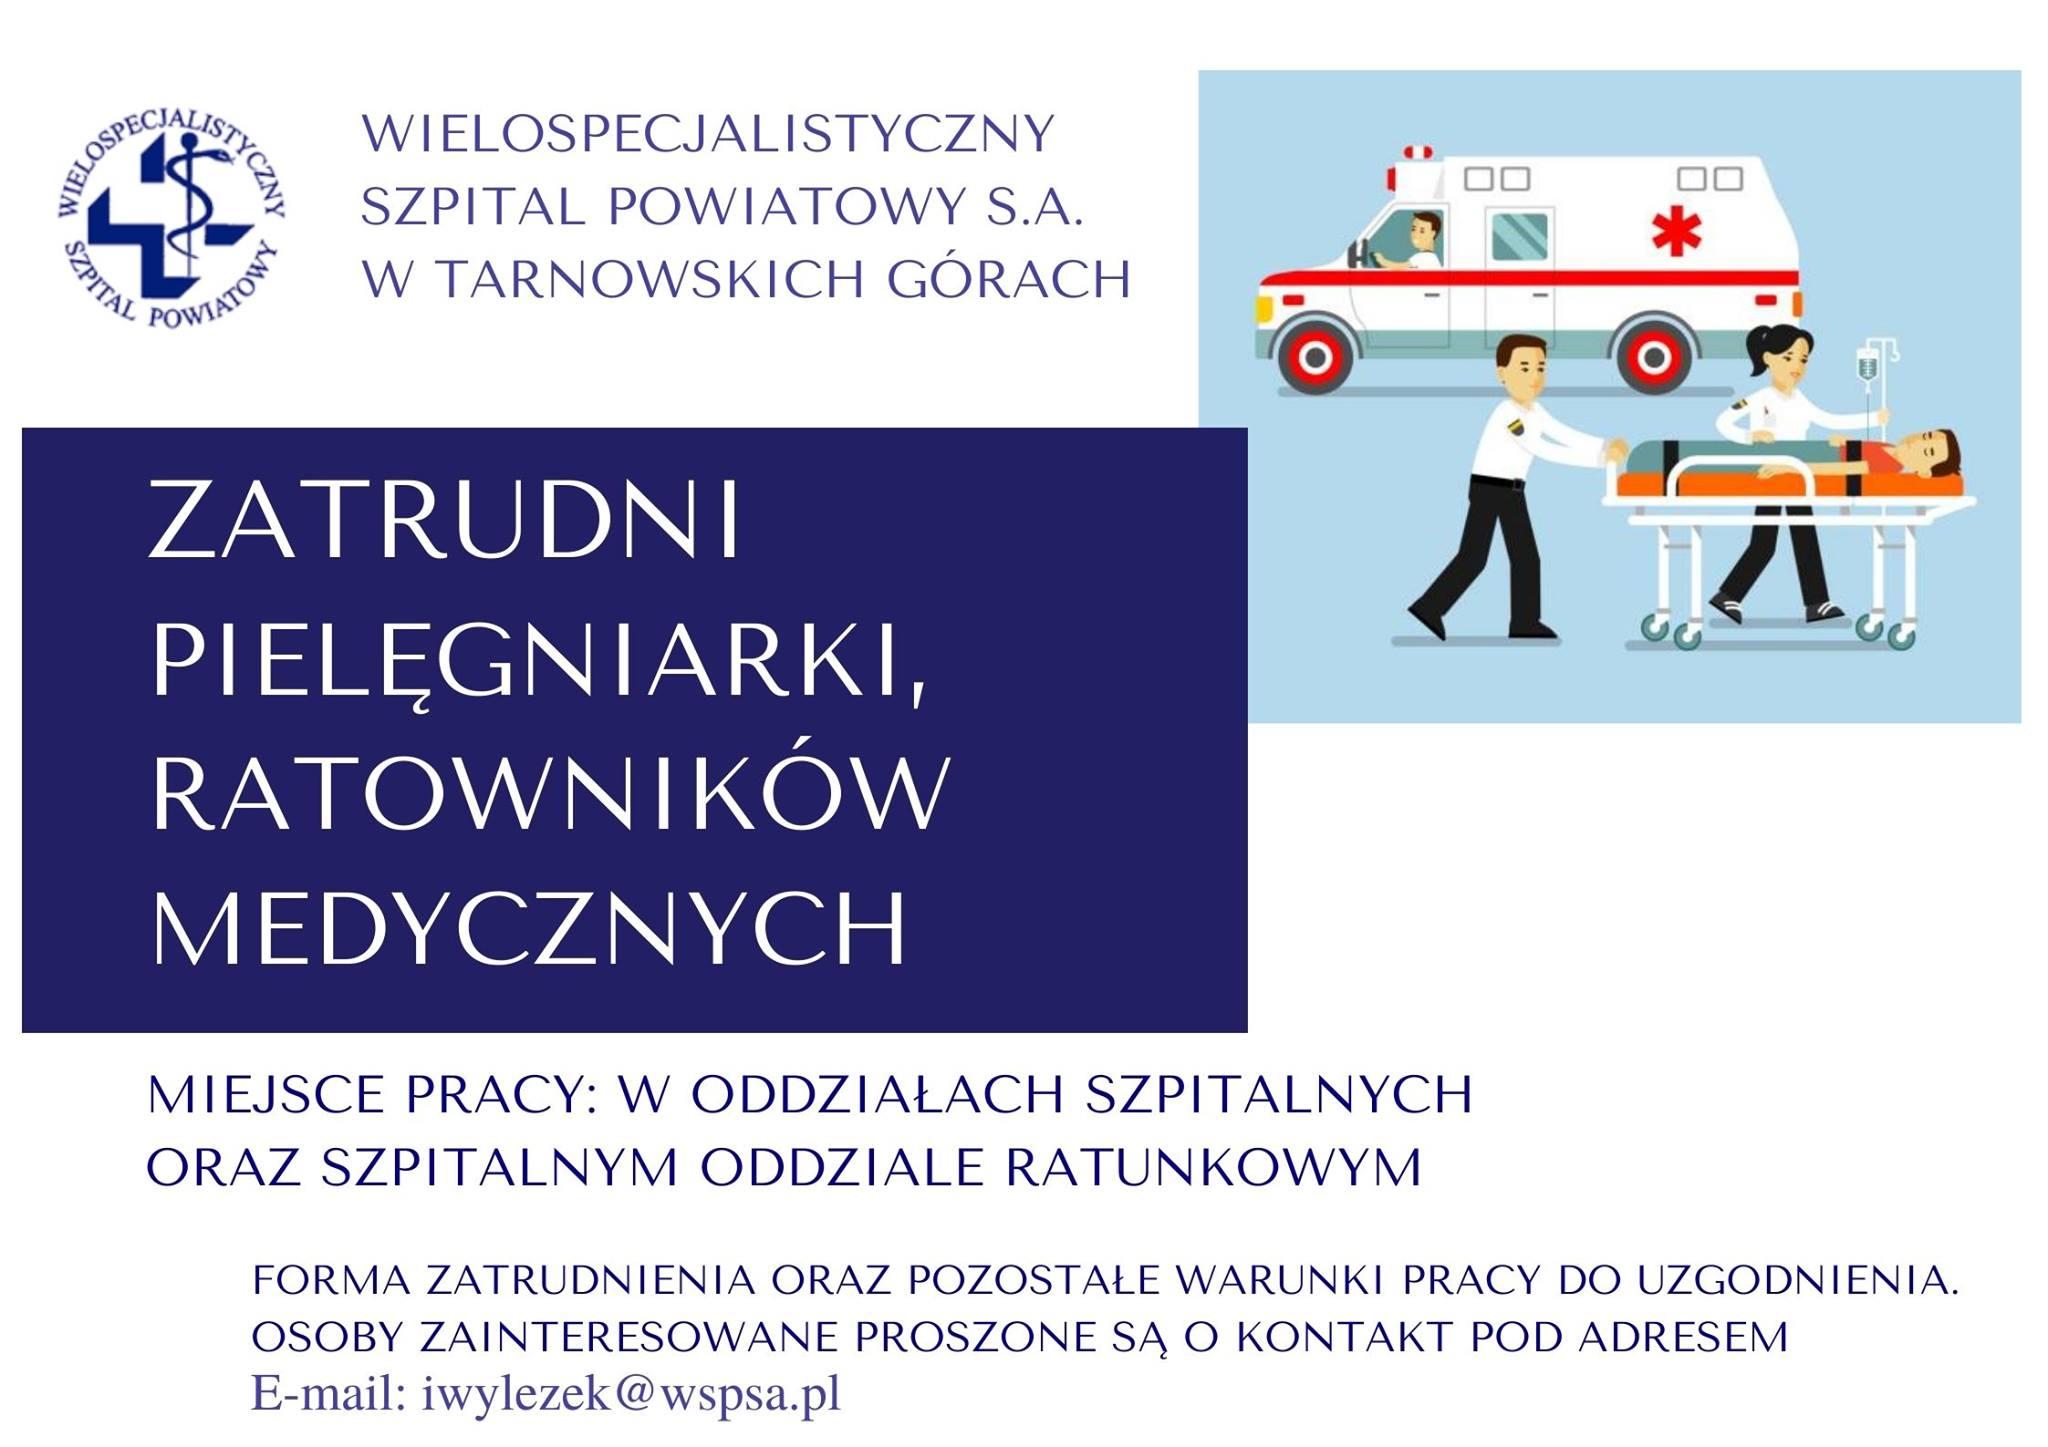 Praca dla pielęgniarek i ratowników medycznych